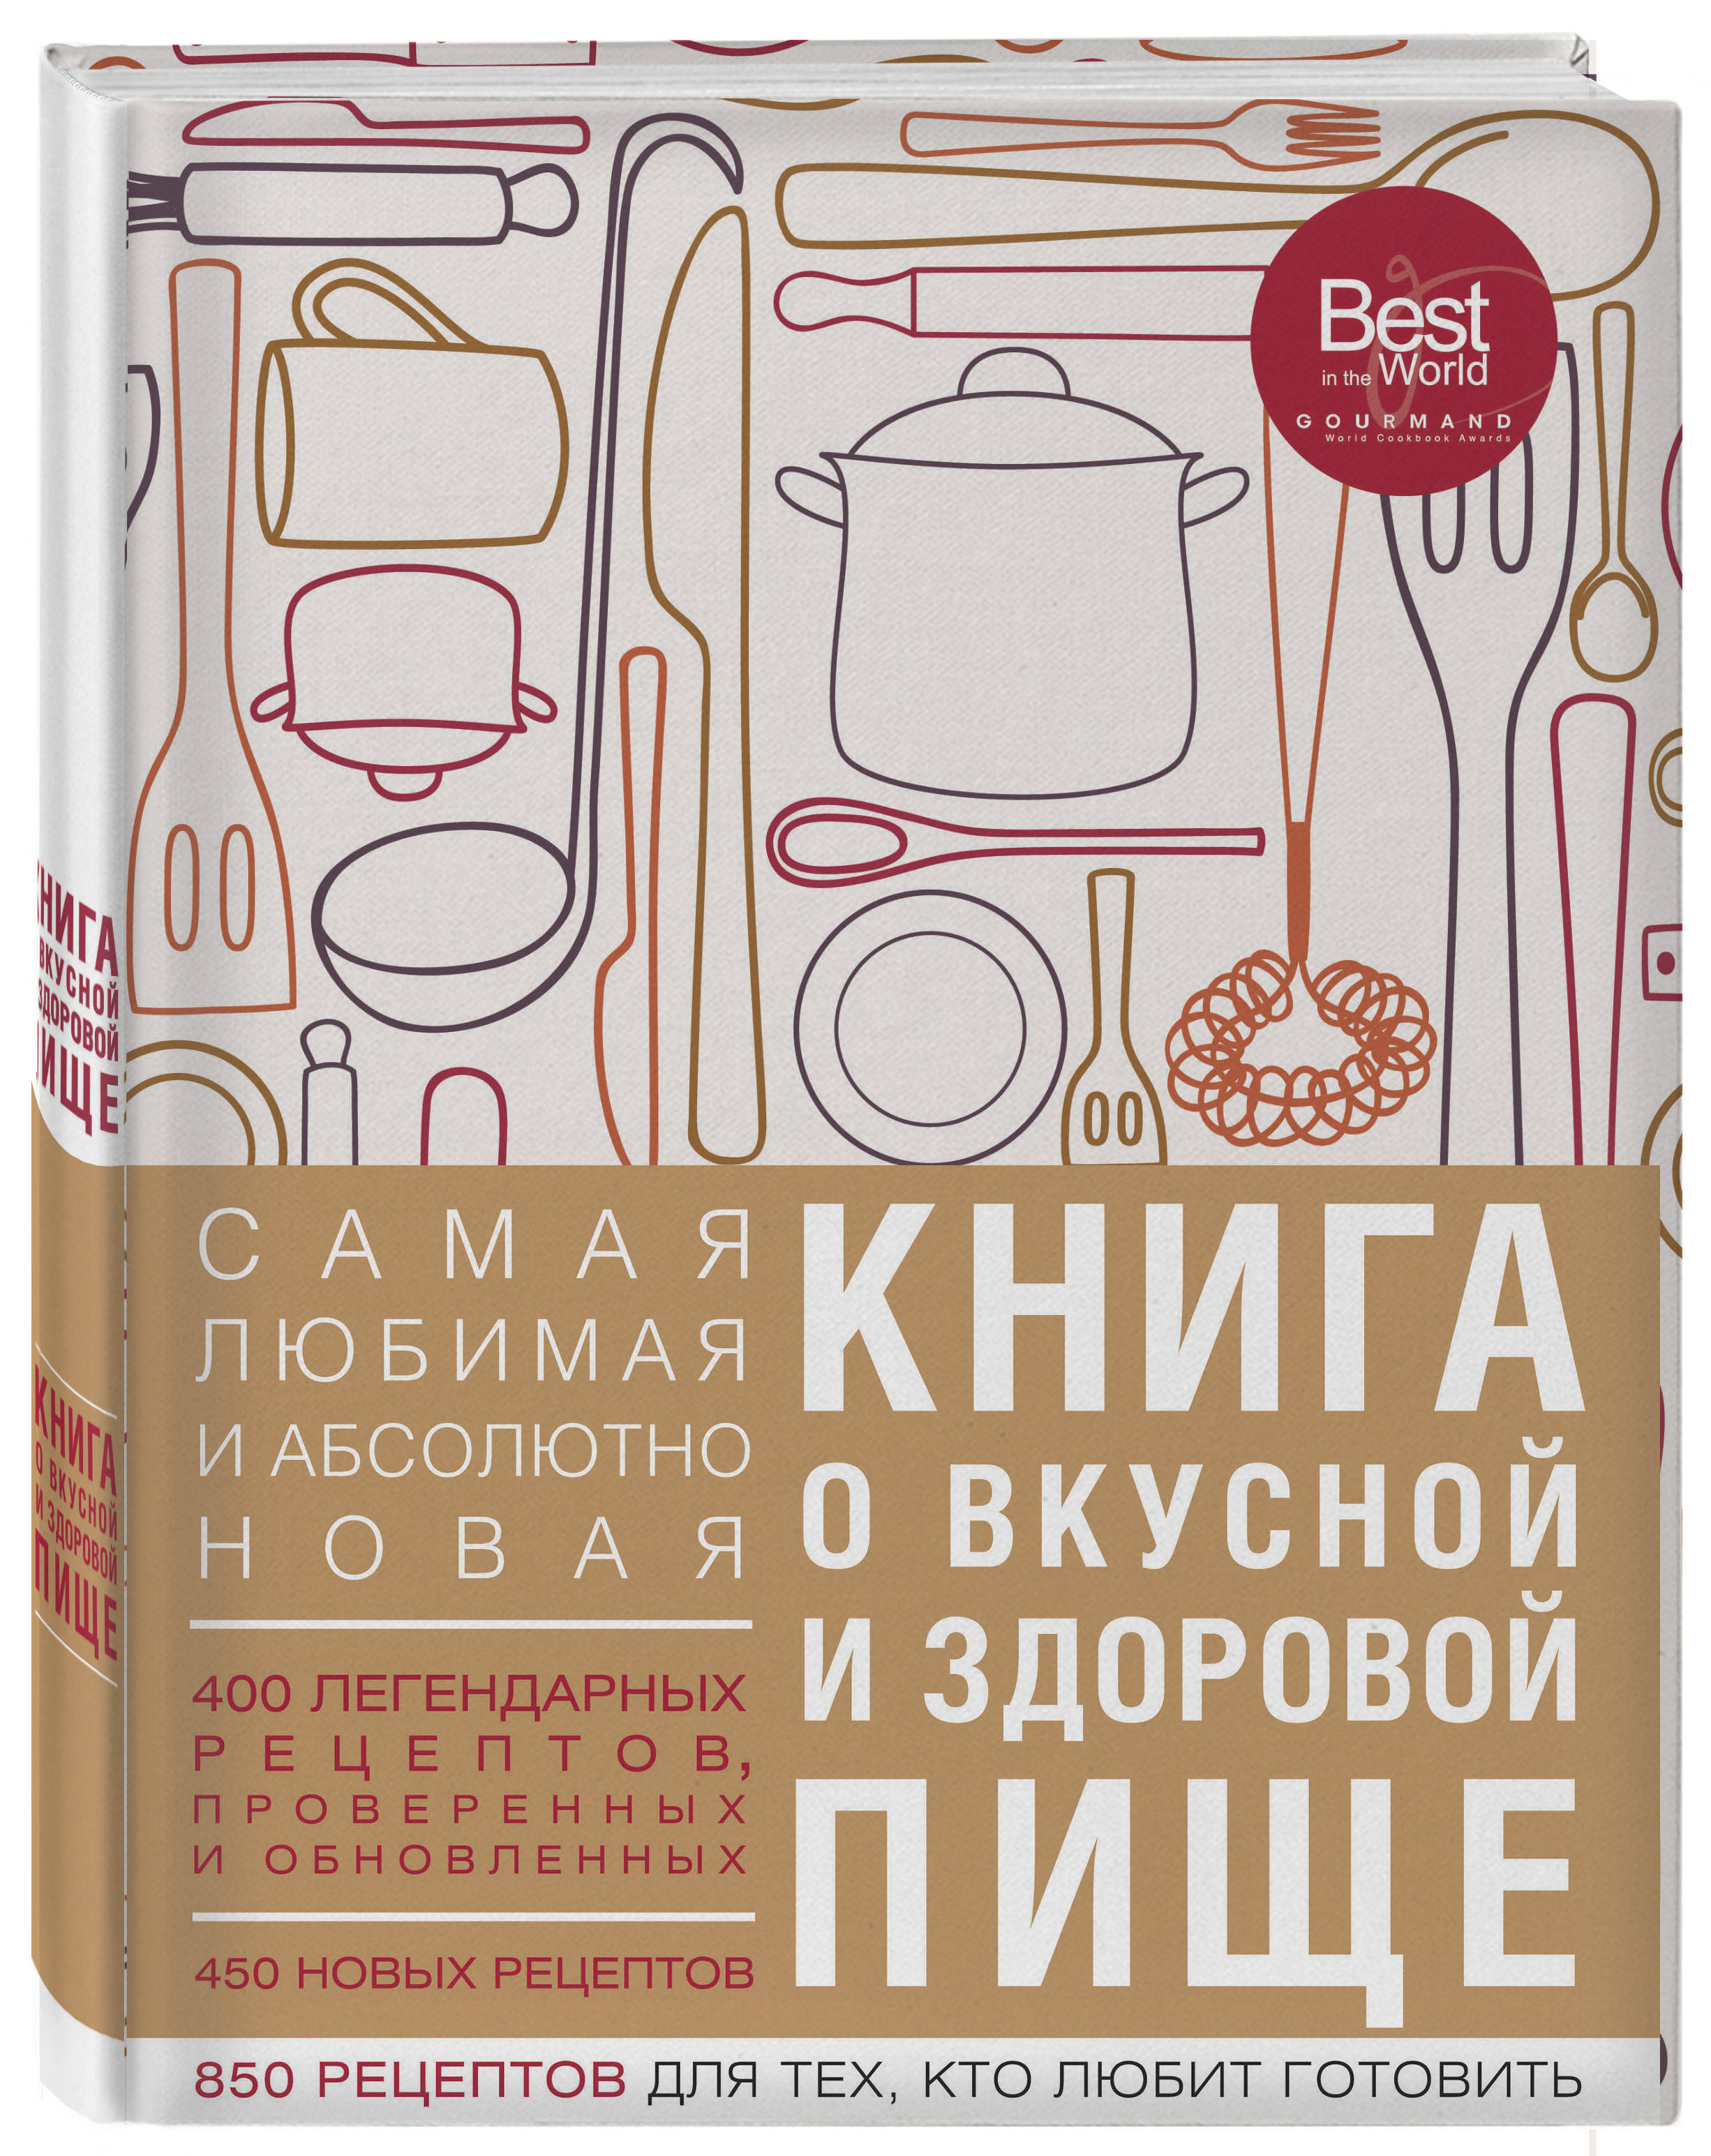 Книга о вкусной и здоровой пище (с институтом питания) оф. 1 книга о вкусной и здоровой пище с ин том питания 2е оформление